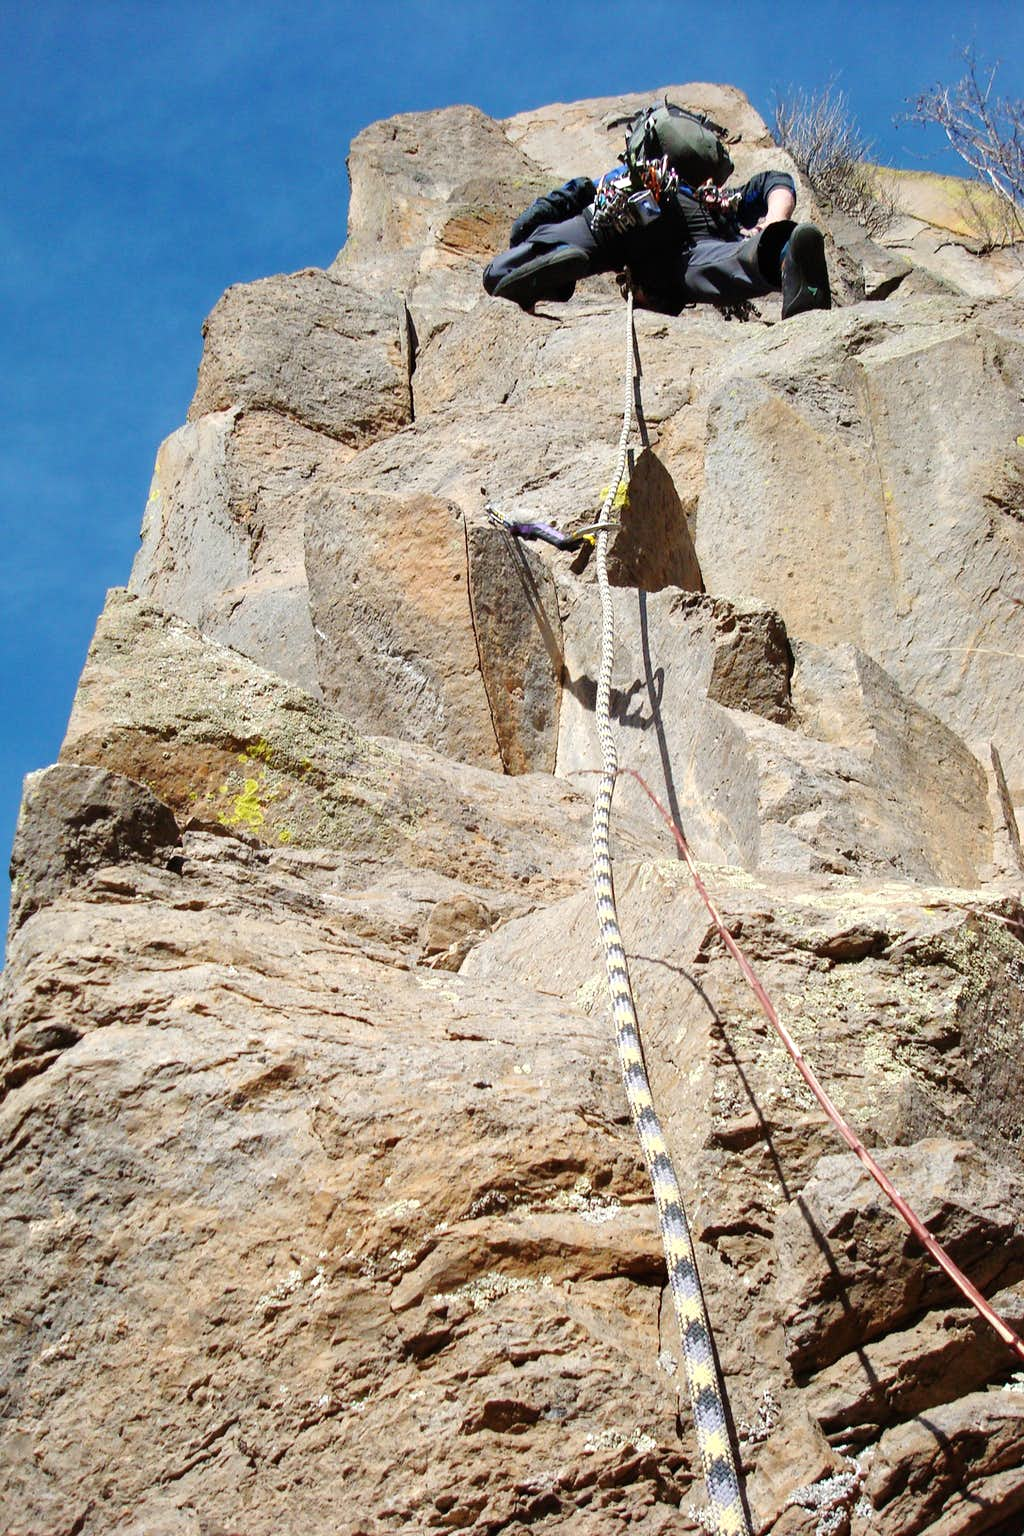 Climbing BattleShip Rock